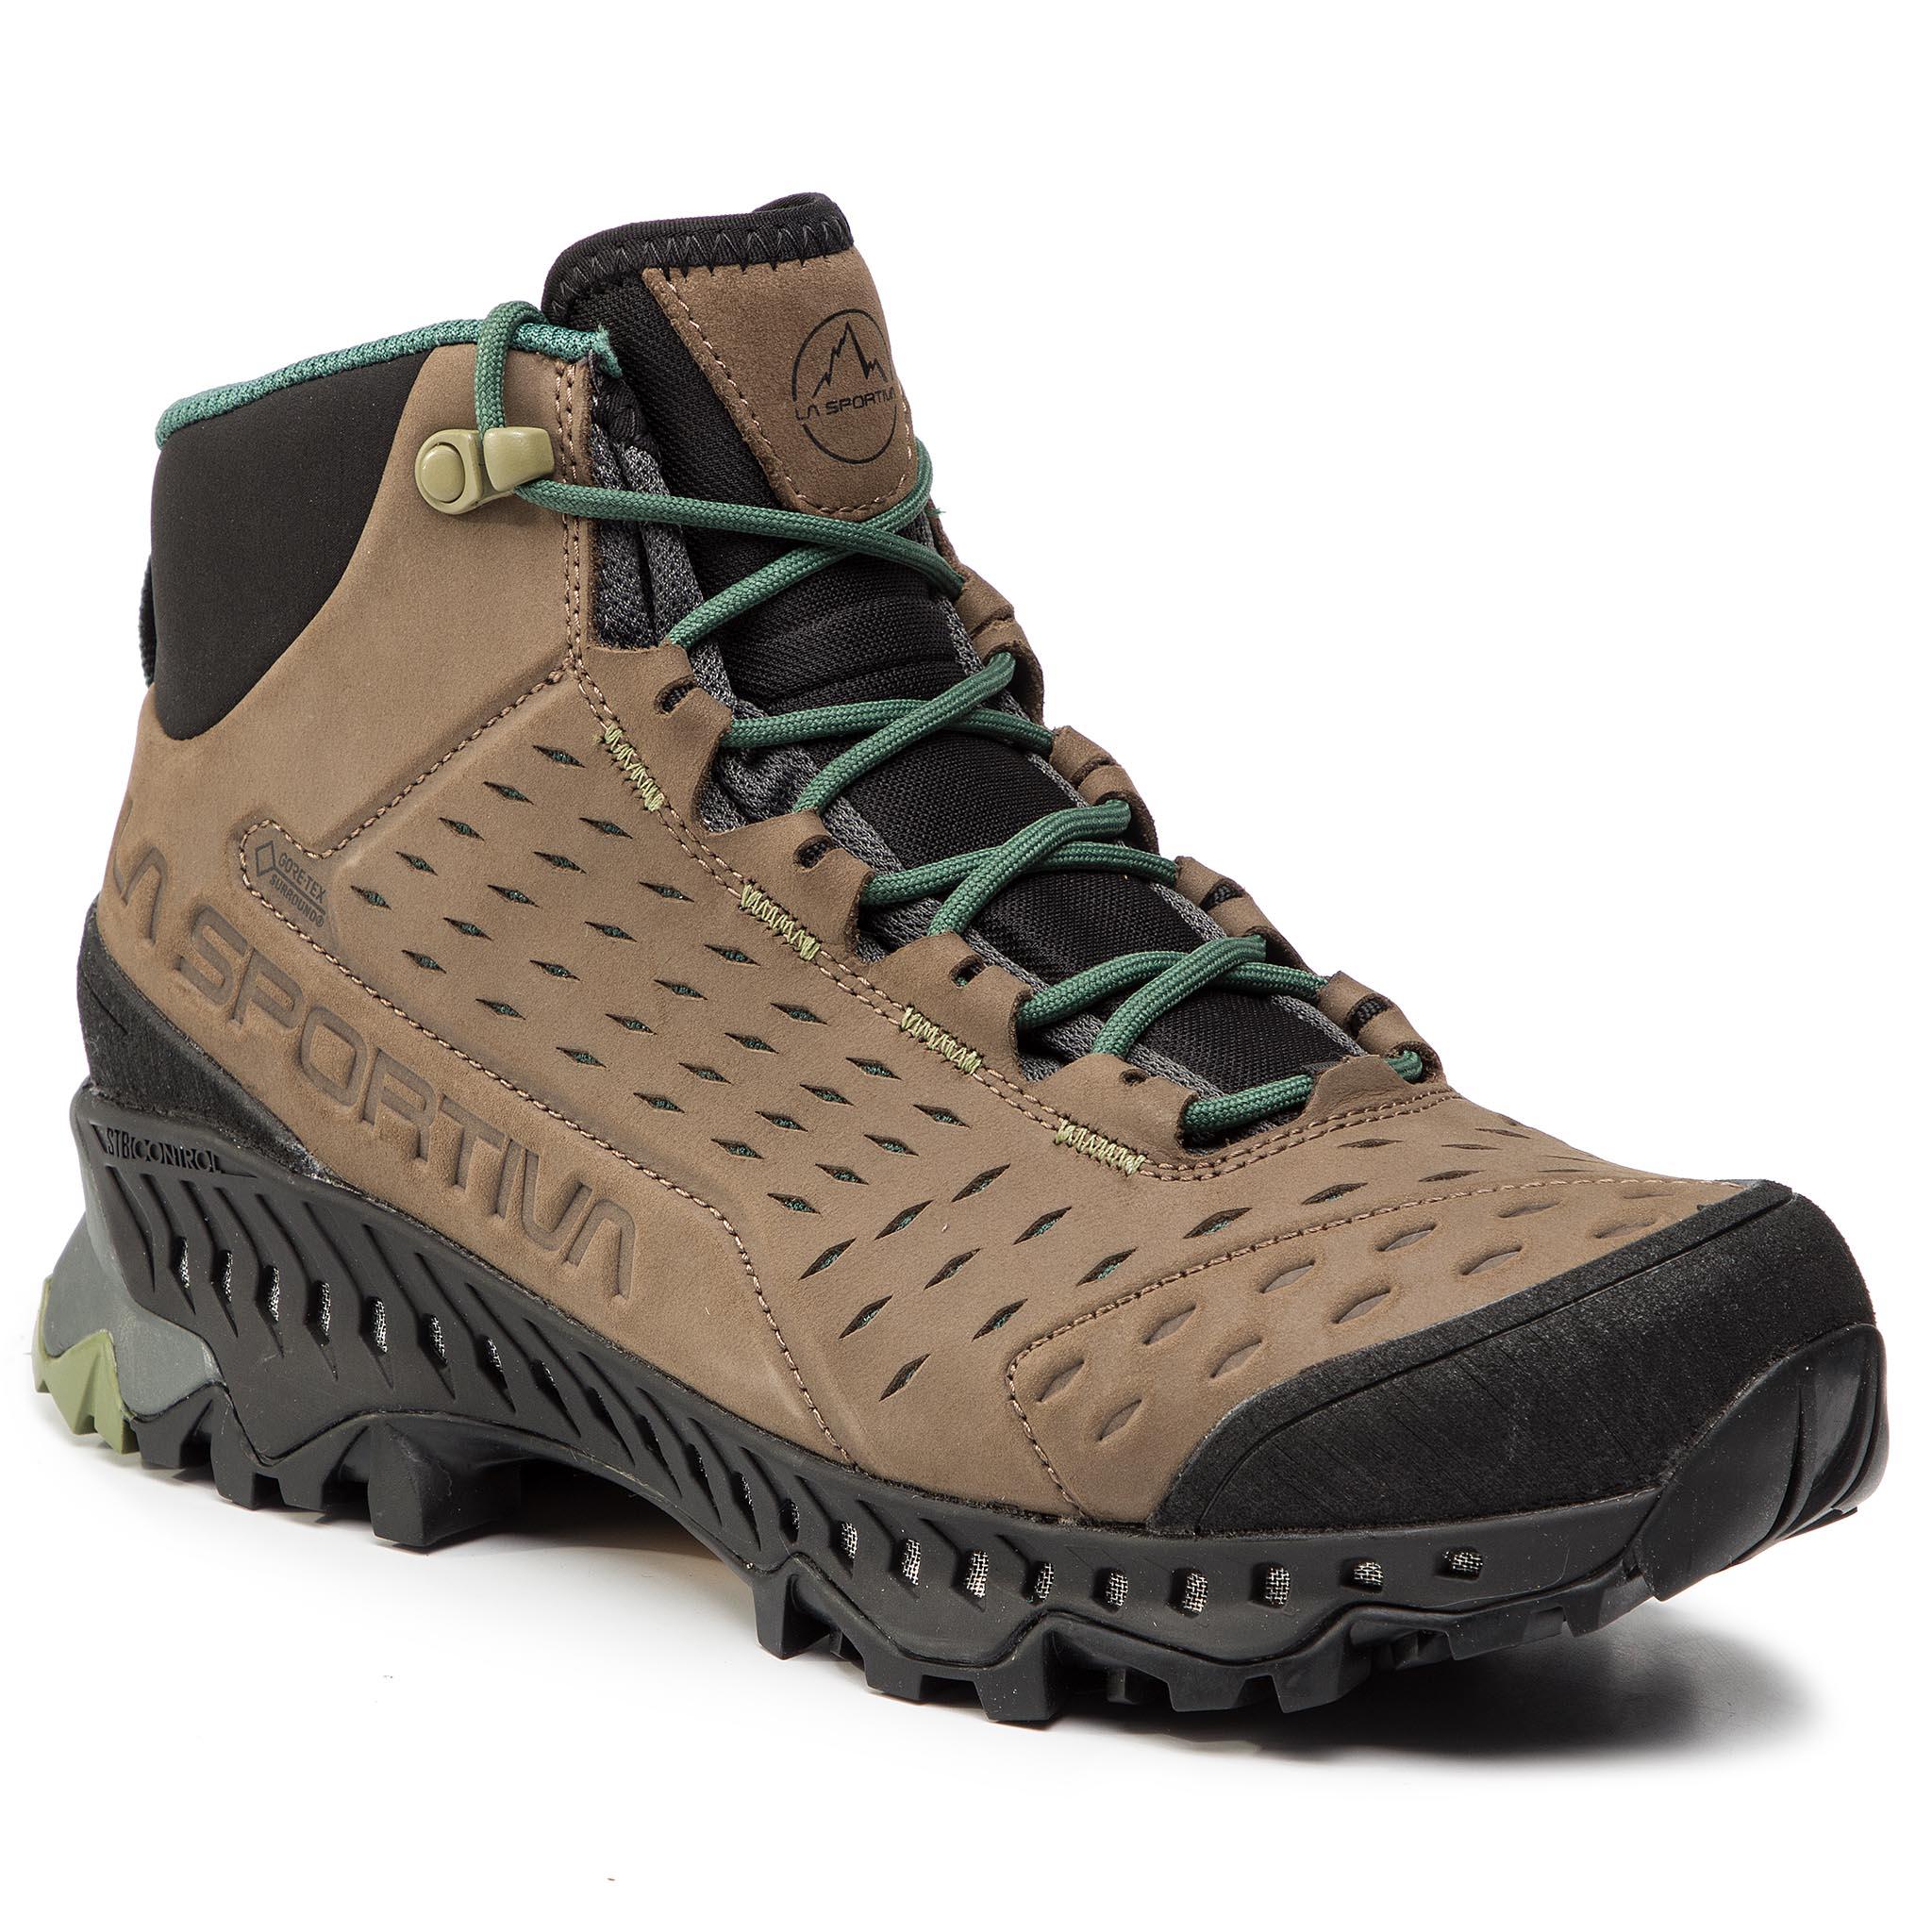 Gore Tex Gtx Boots Hyrax Mocha 24j807711 Trekker Sportiva La k8w0PnO